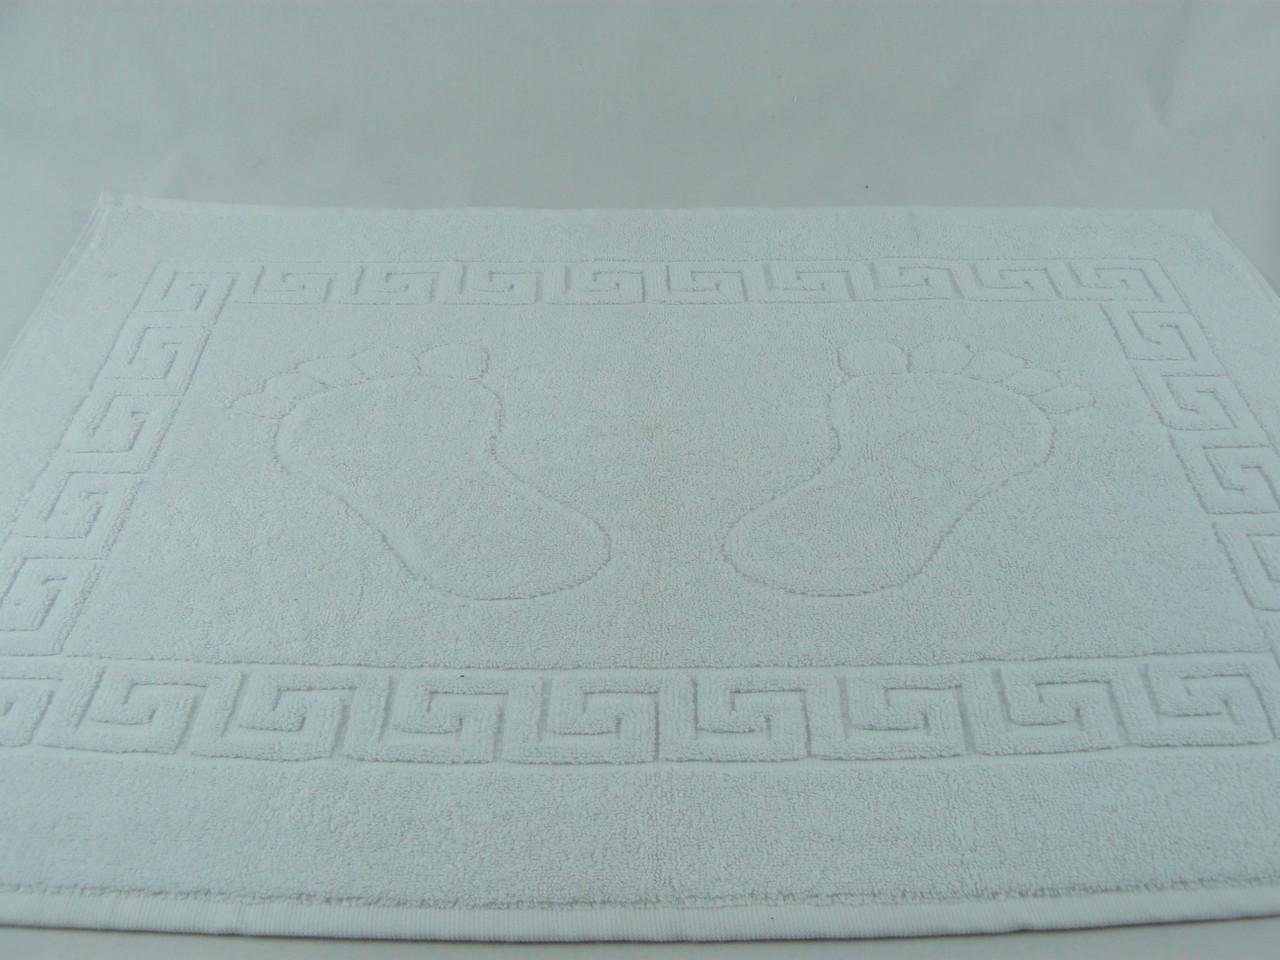 Махровое полотенце для ног 50х70, плотность 400гр/м2